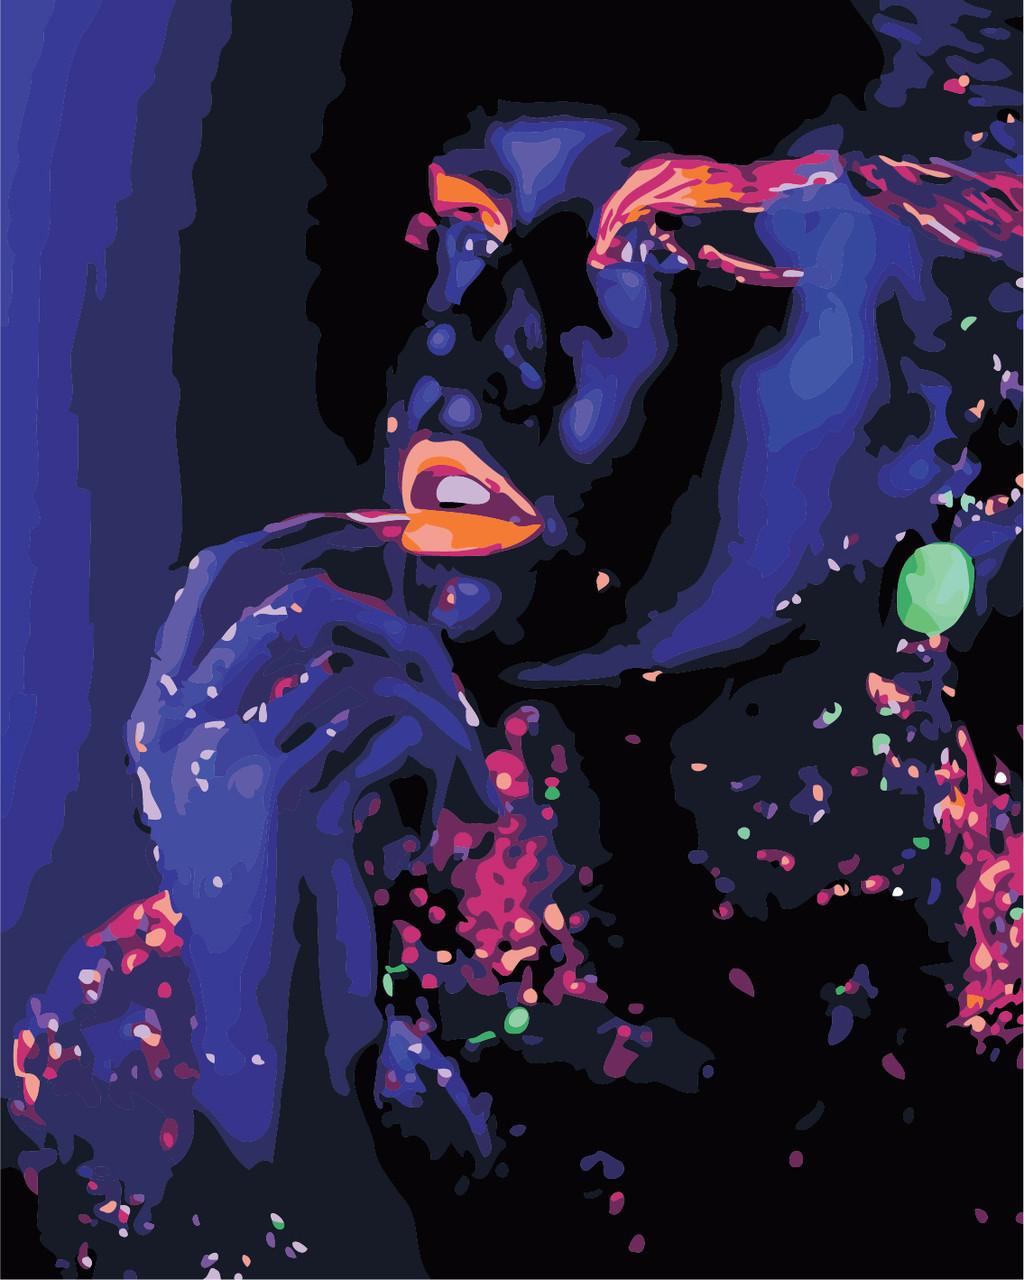 Художественный творческий набор, картина по номерам Космическая девушка, 40x50 см, «Art Story» (AS0892)